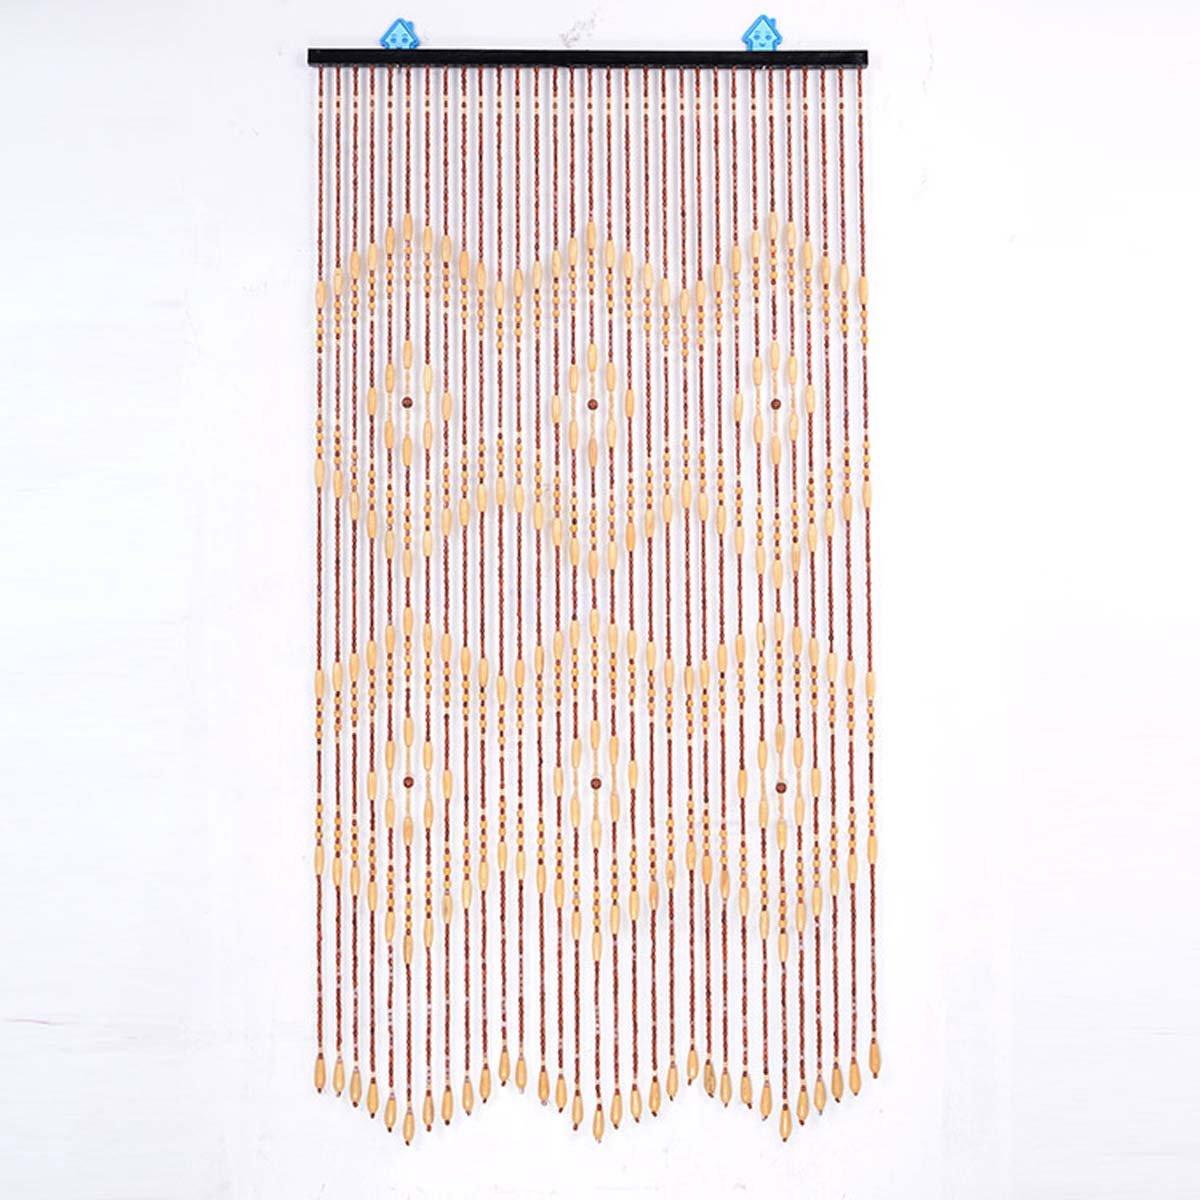 Gongff Wooden Beaded Door Curtain Screen3568in 90x175cm Mosquito